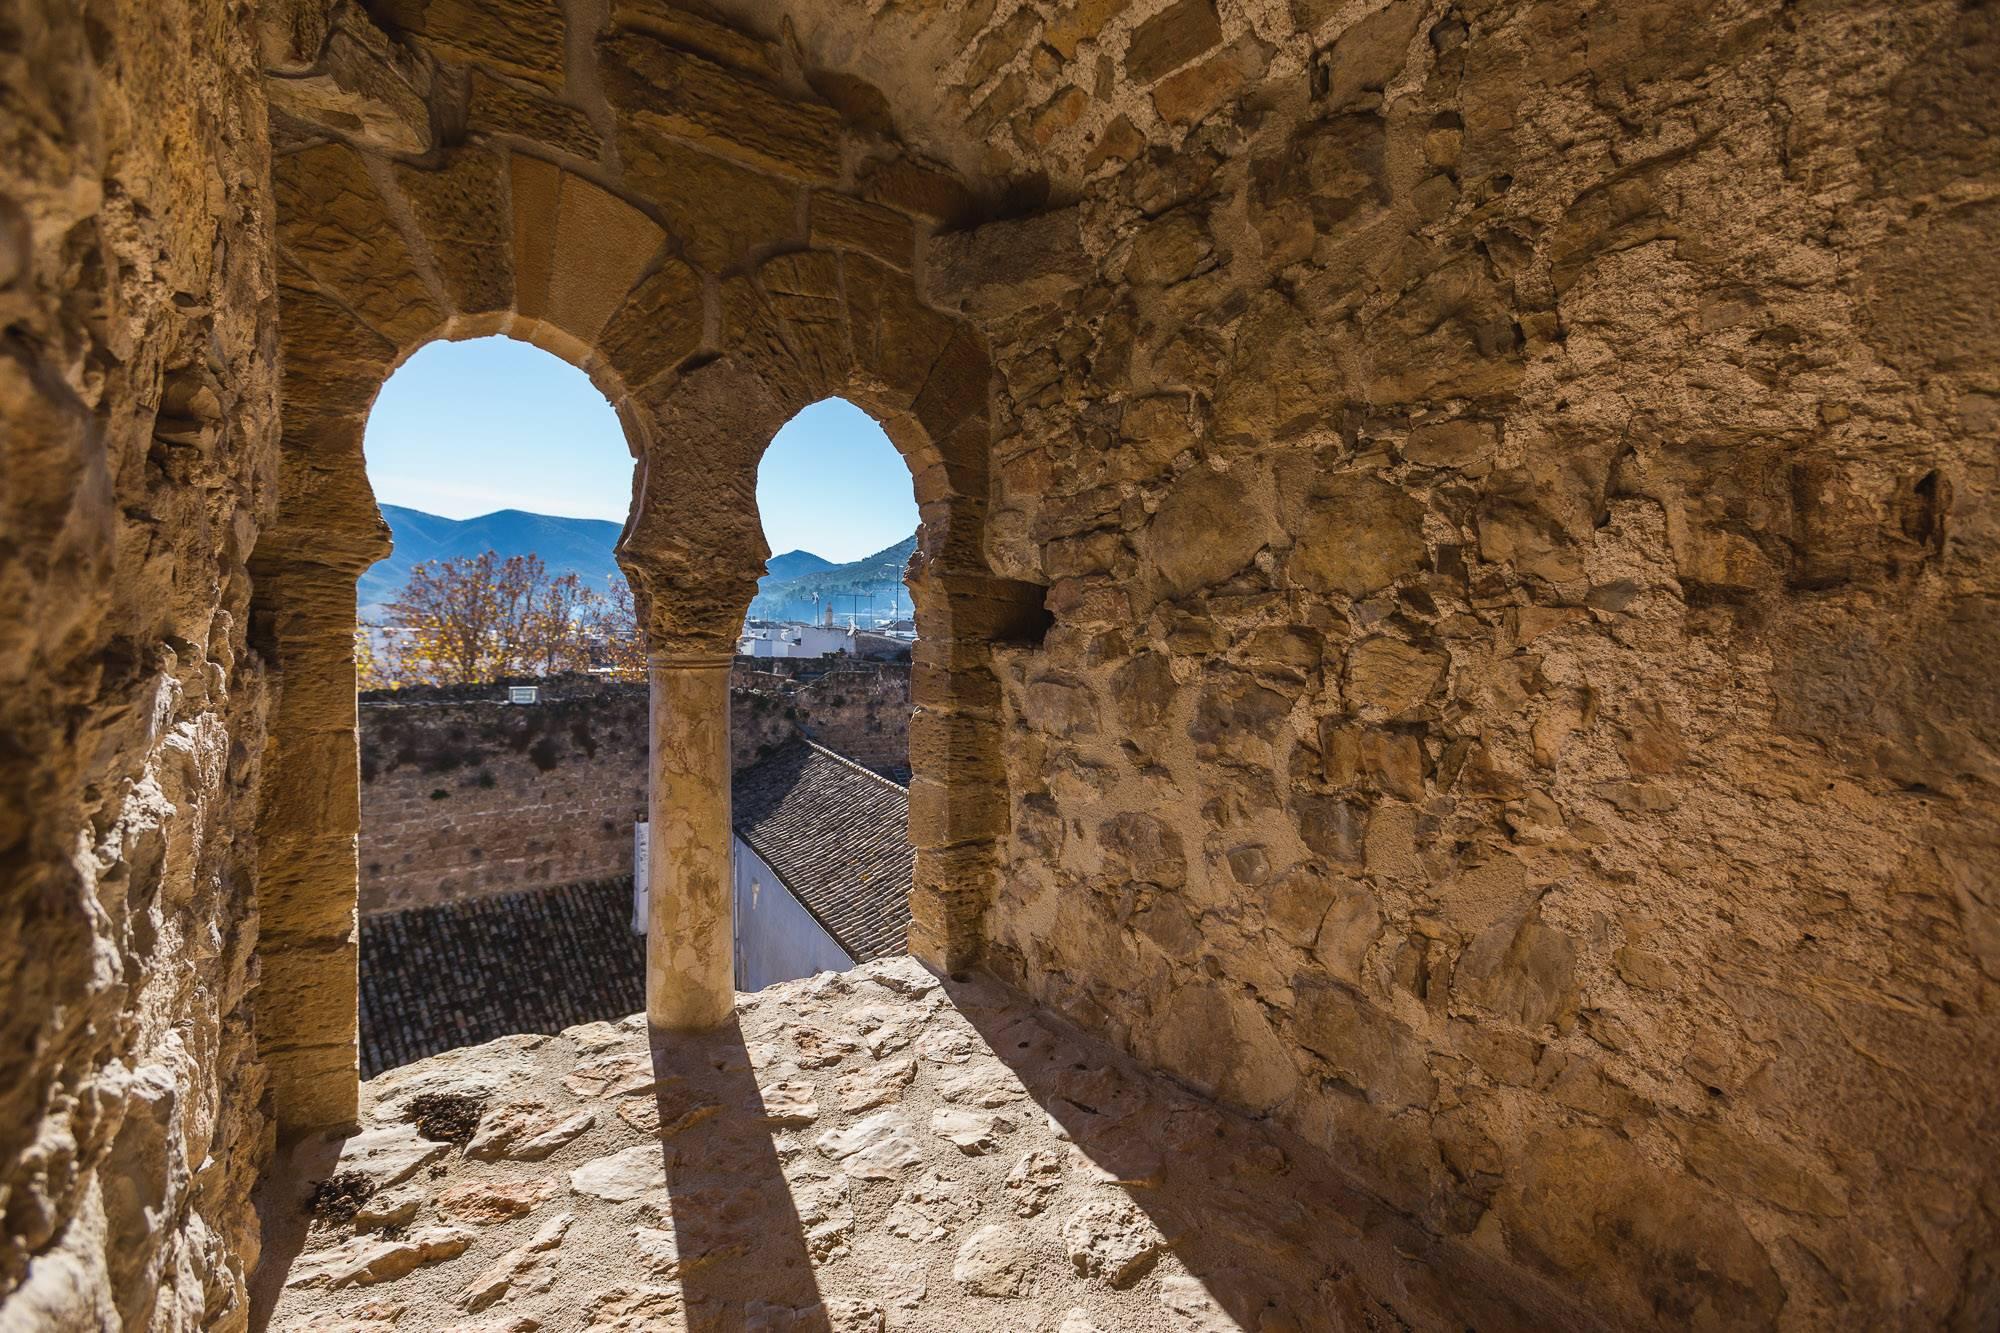 La Torre del Homenaje y su panorámica, parada obligatoria si vas al castillo de Priego.